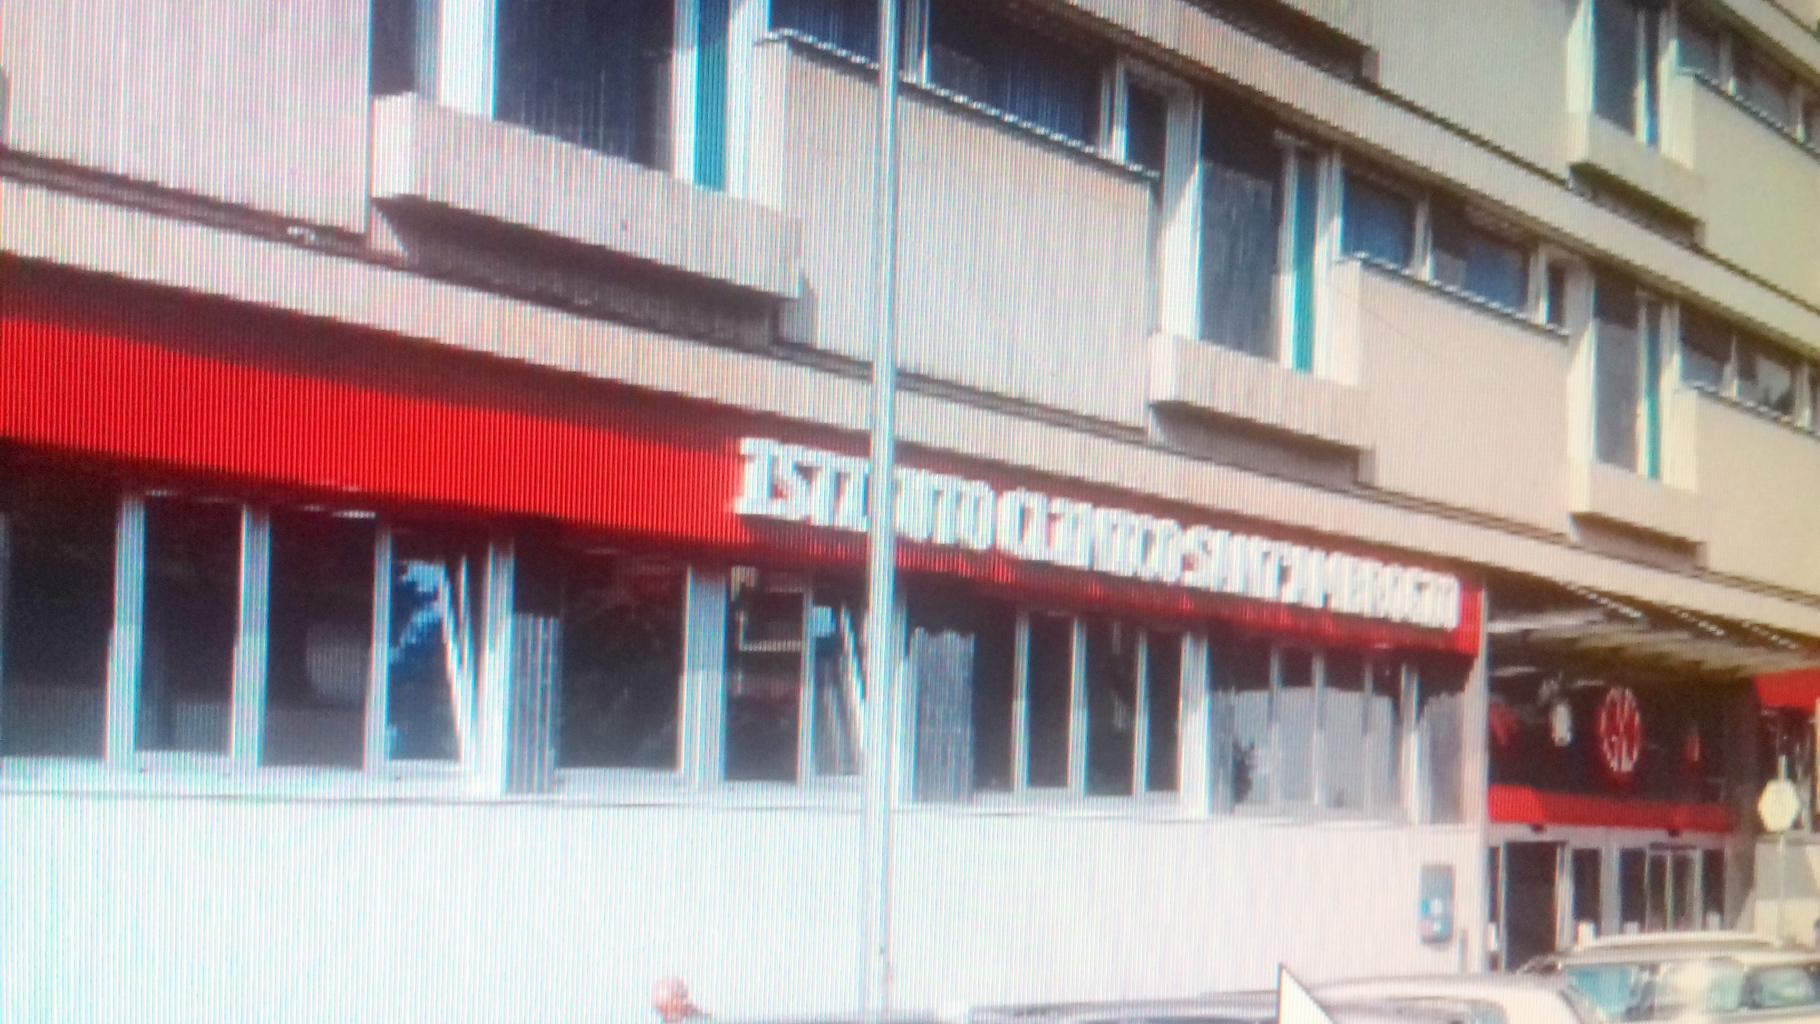 Istituto Clinico Sant'Ambrogio